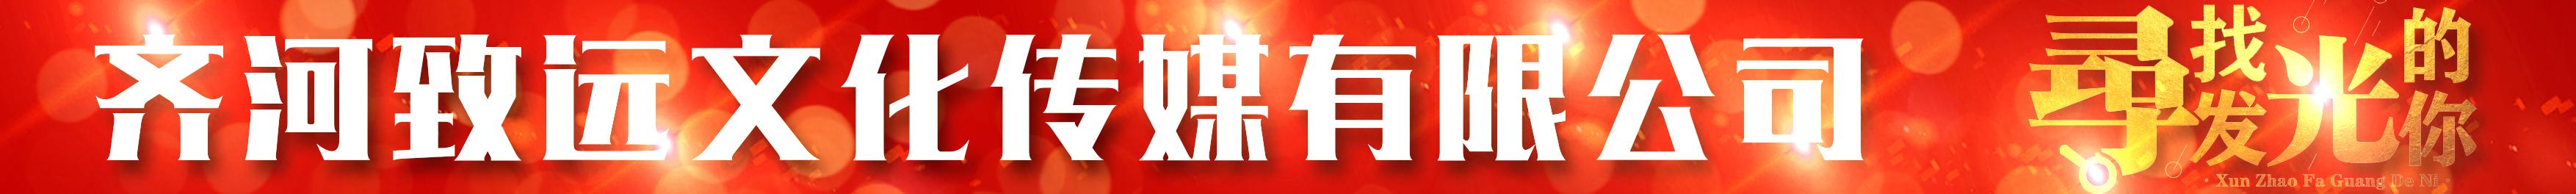 齐河致远文化传媒有限公司